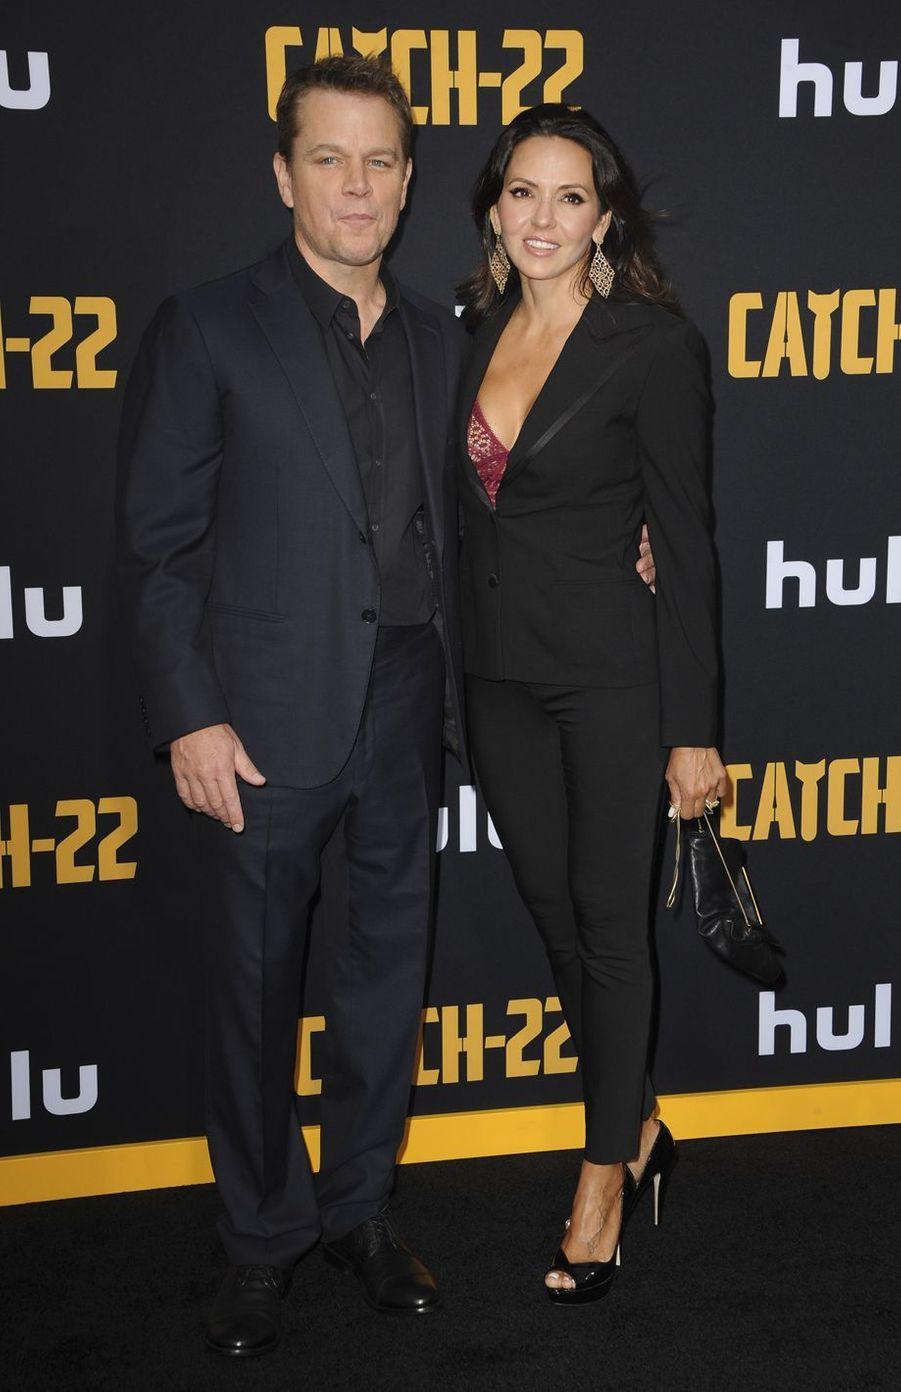 Matt Damon et Luciana Barroso à la première de «Catch-22» à Los Angeles le 7 mai 2019